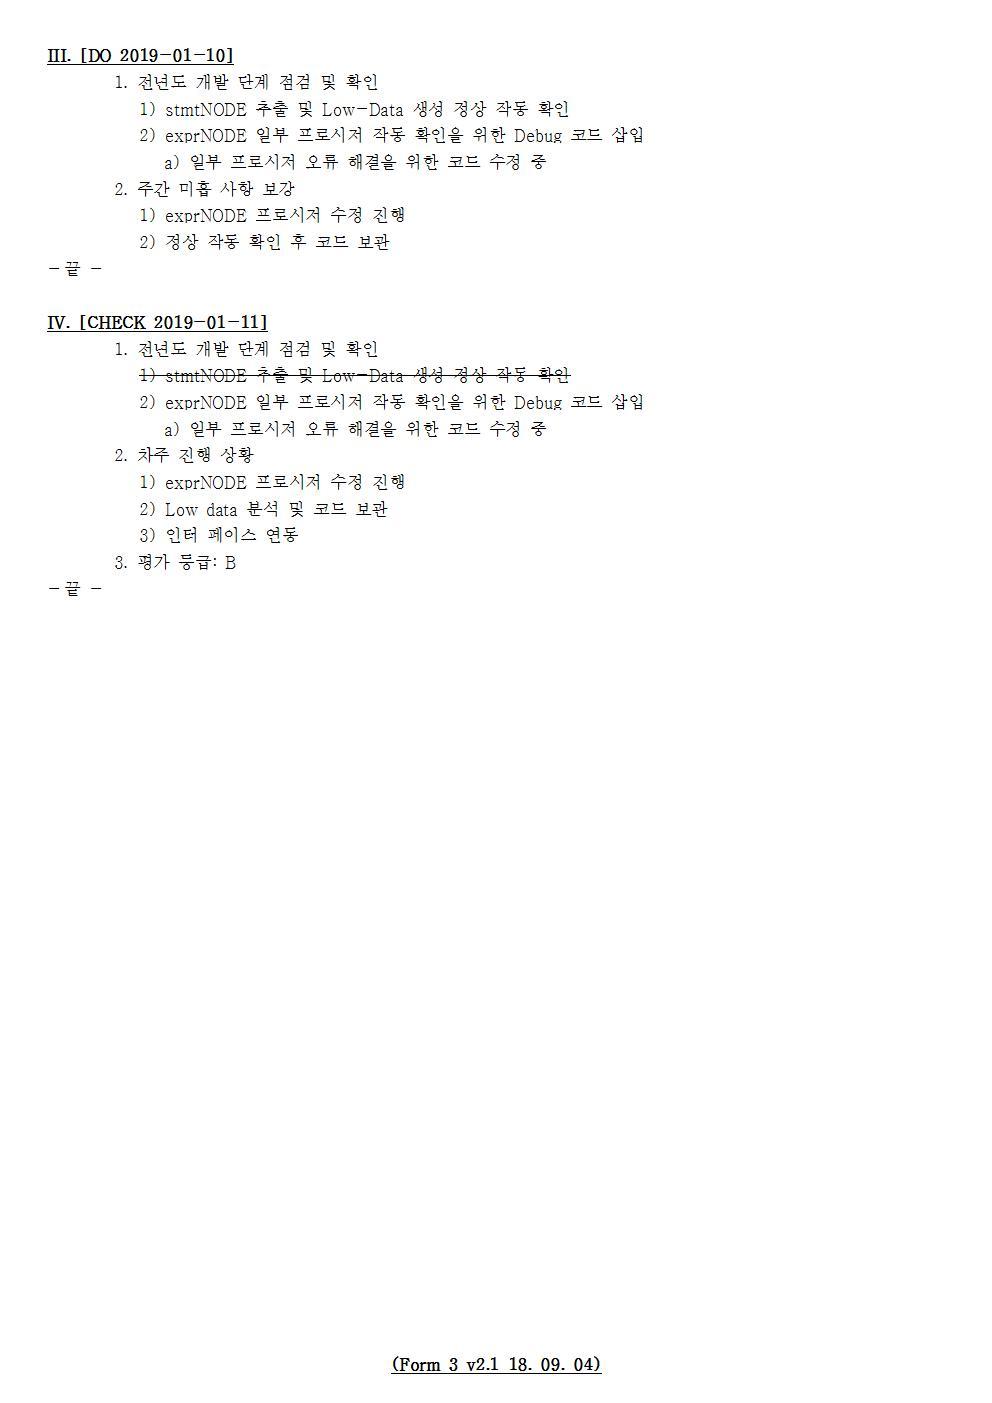 D-[19-003-RD-03]-[Tool-SRRE-1.X]-[2019-01-11][JS]002.jpg